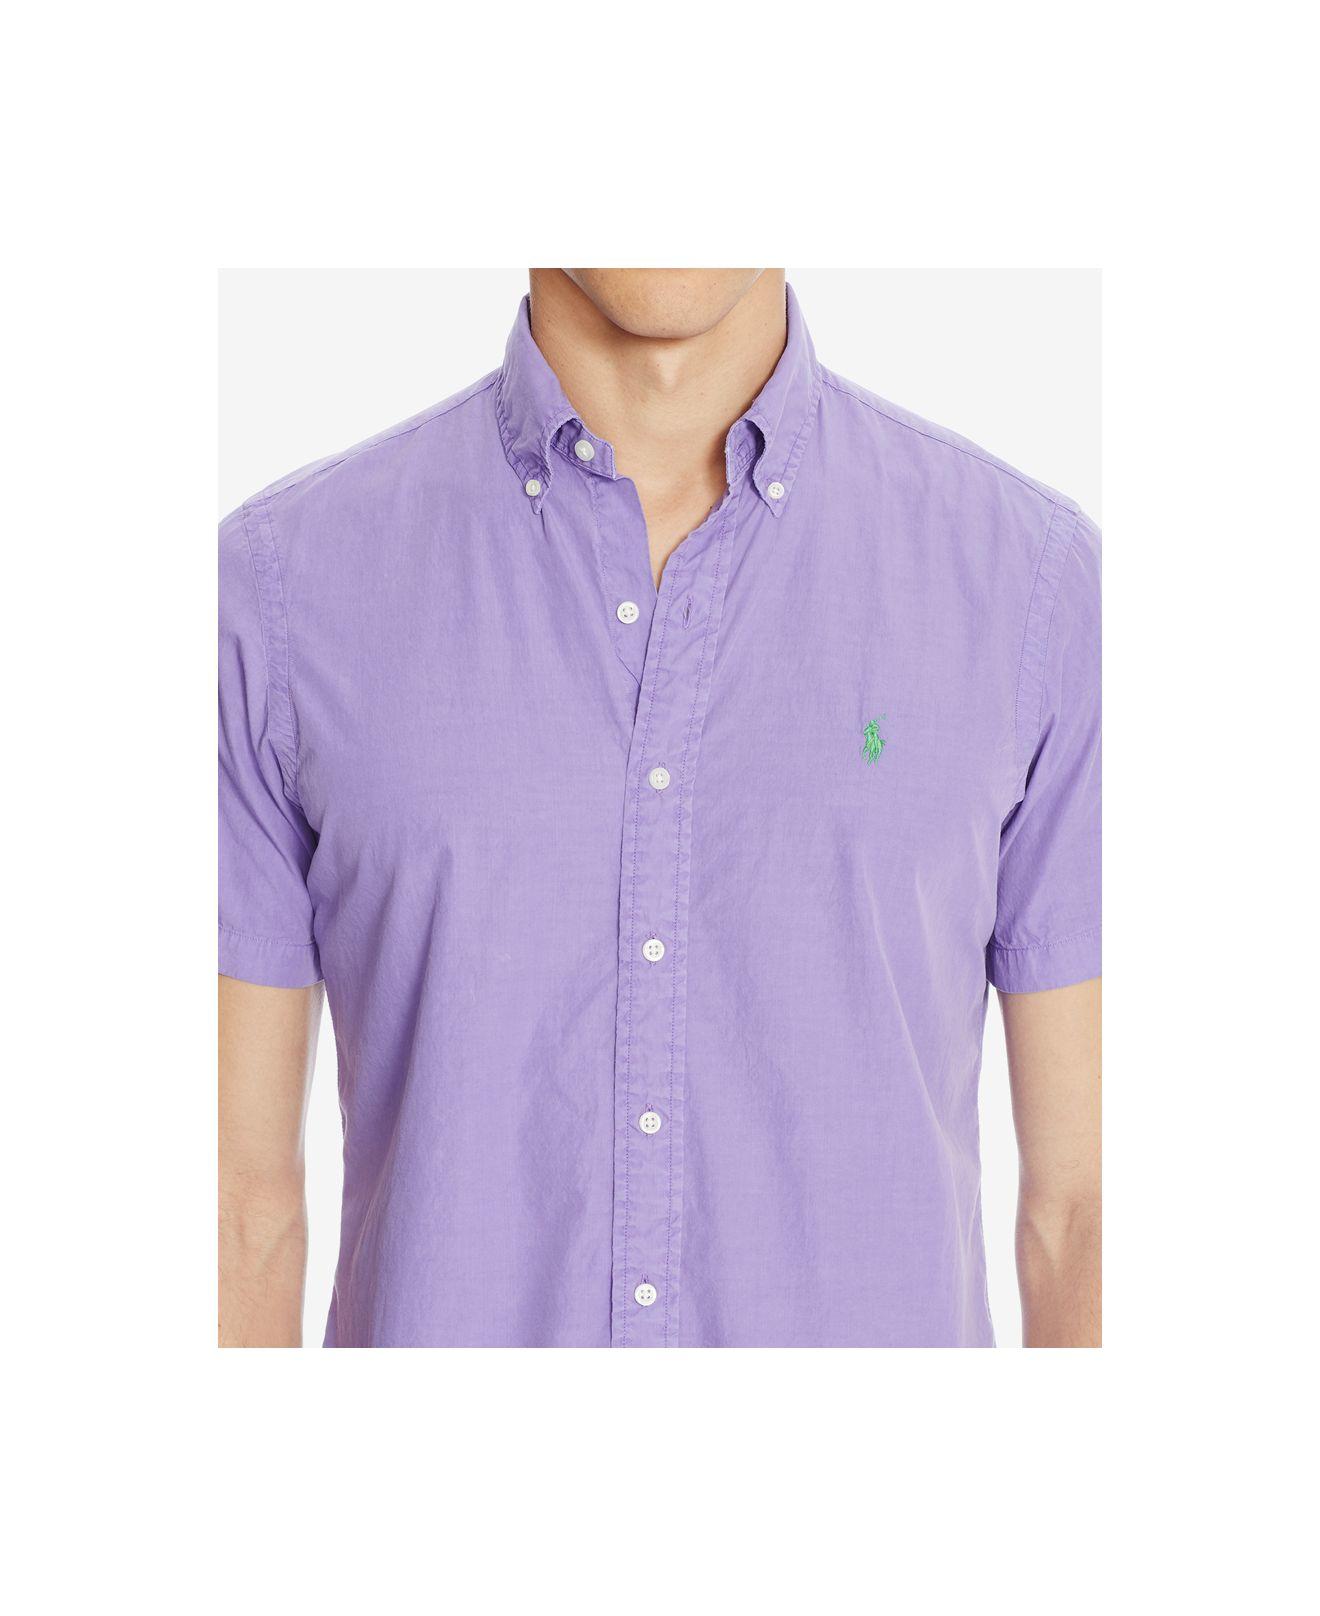 Polo ralph lauren men 39 s short sleeve silk shirt in purple for Silk short sleeve shirt